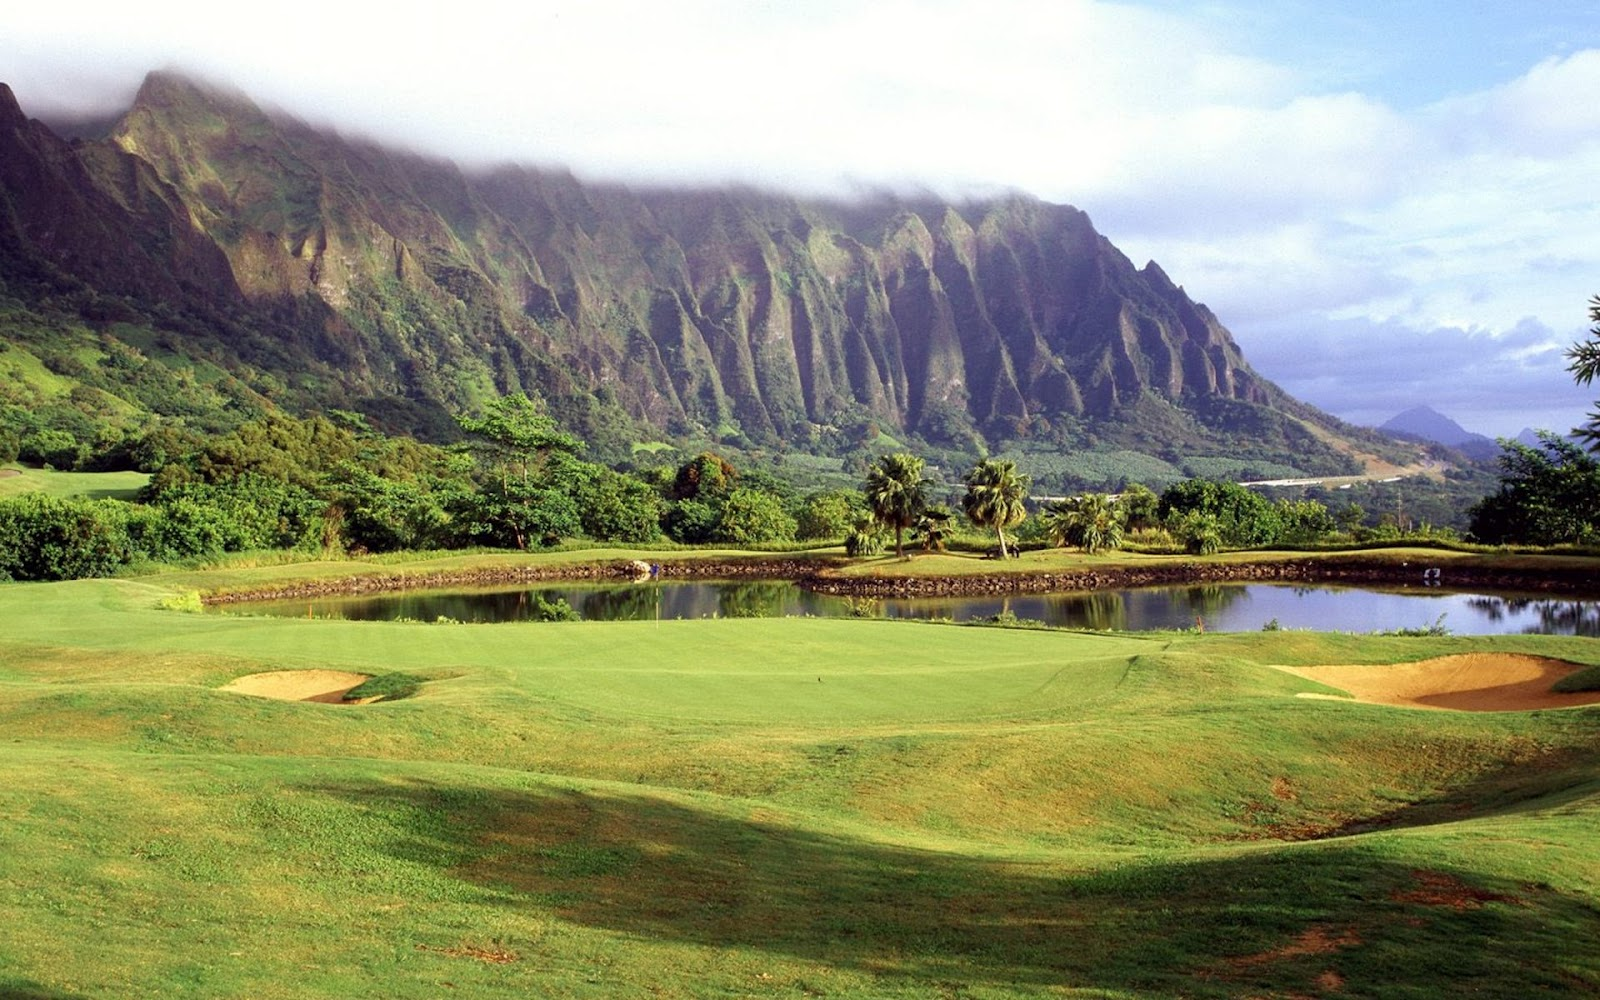 http://2.bp.blogspot.com/-joFA6dEKsyE/UCYubiTCH0I/AAAAAAAAMKU/nnjjnFGCBOg/s1600/golf-court.jpg